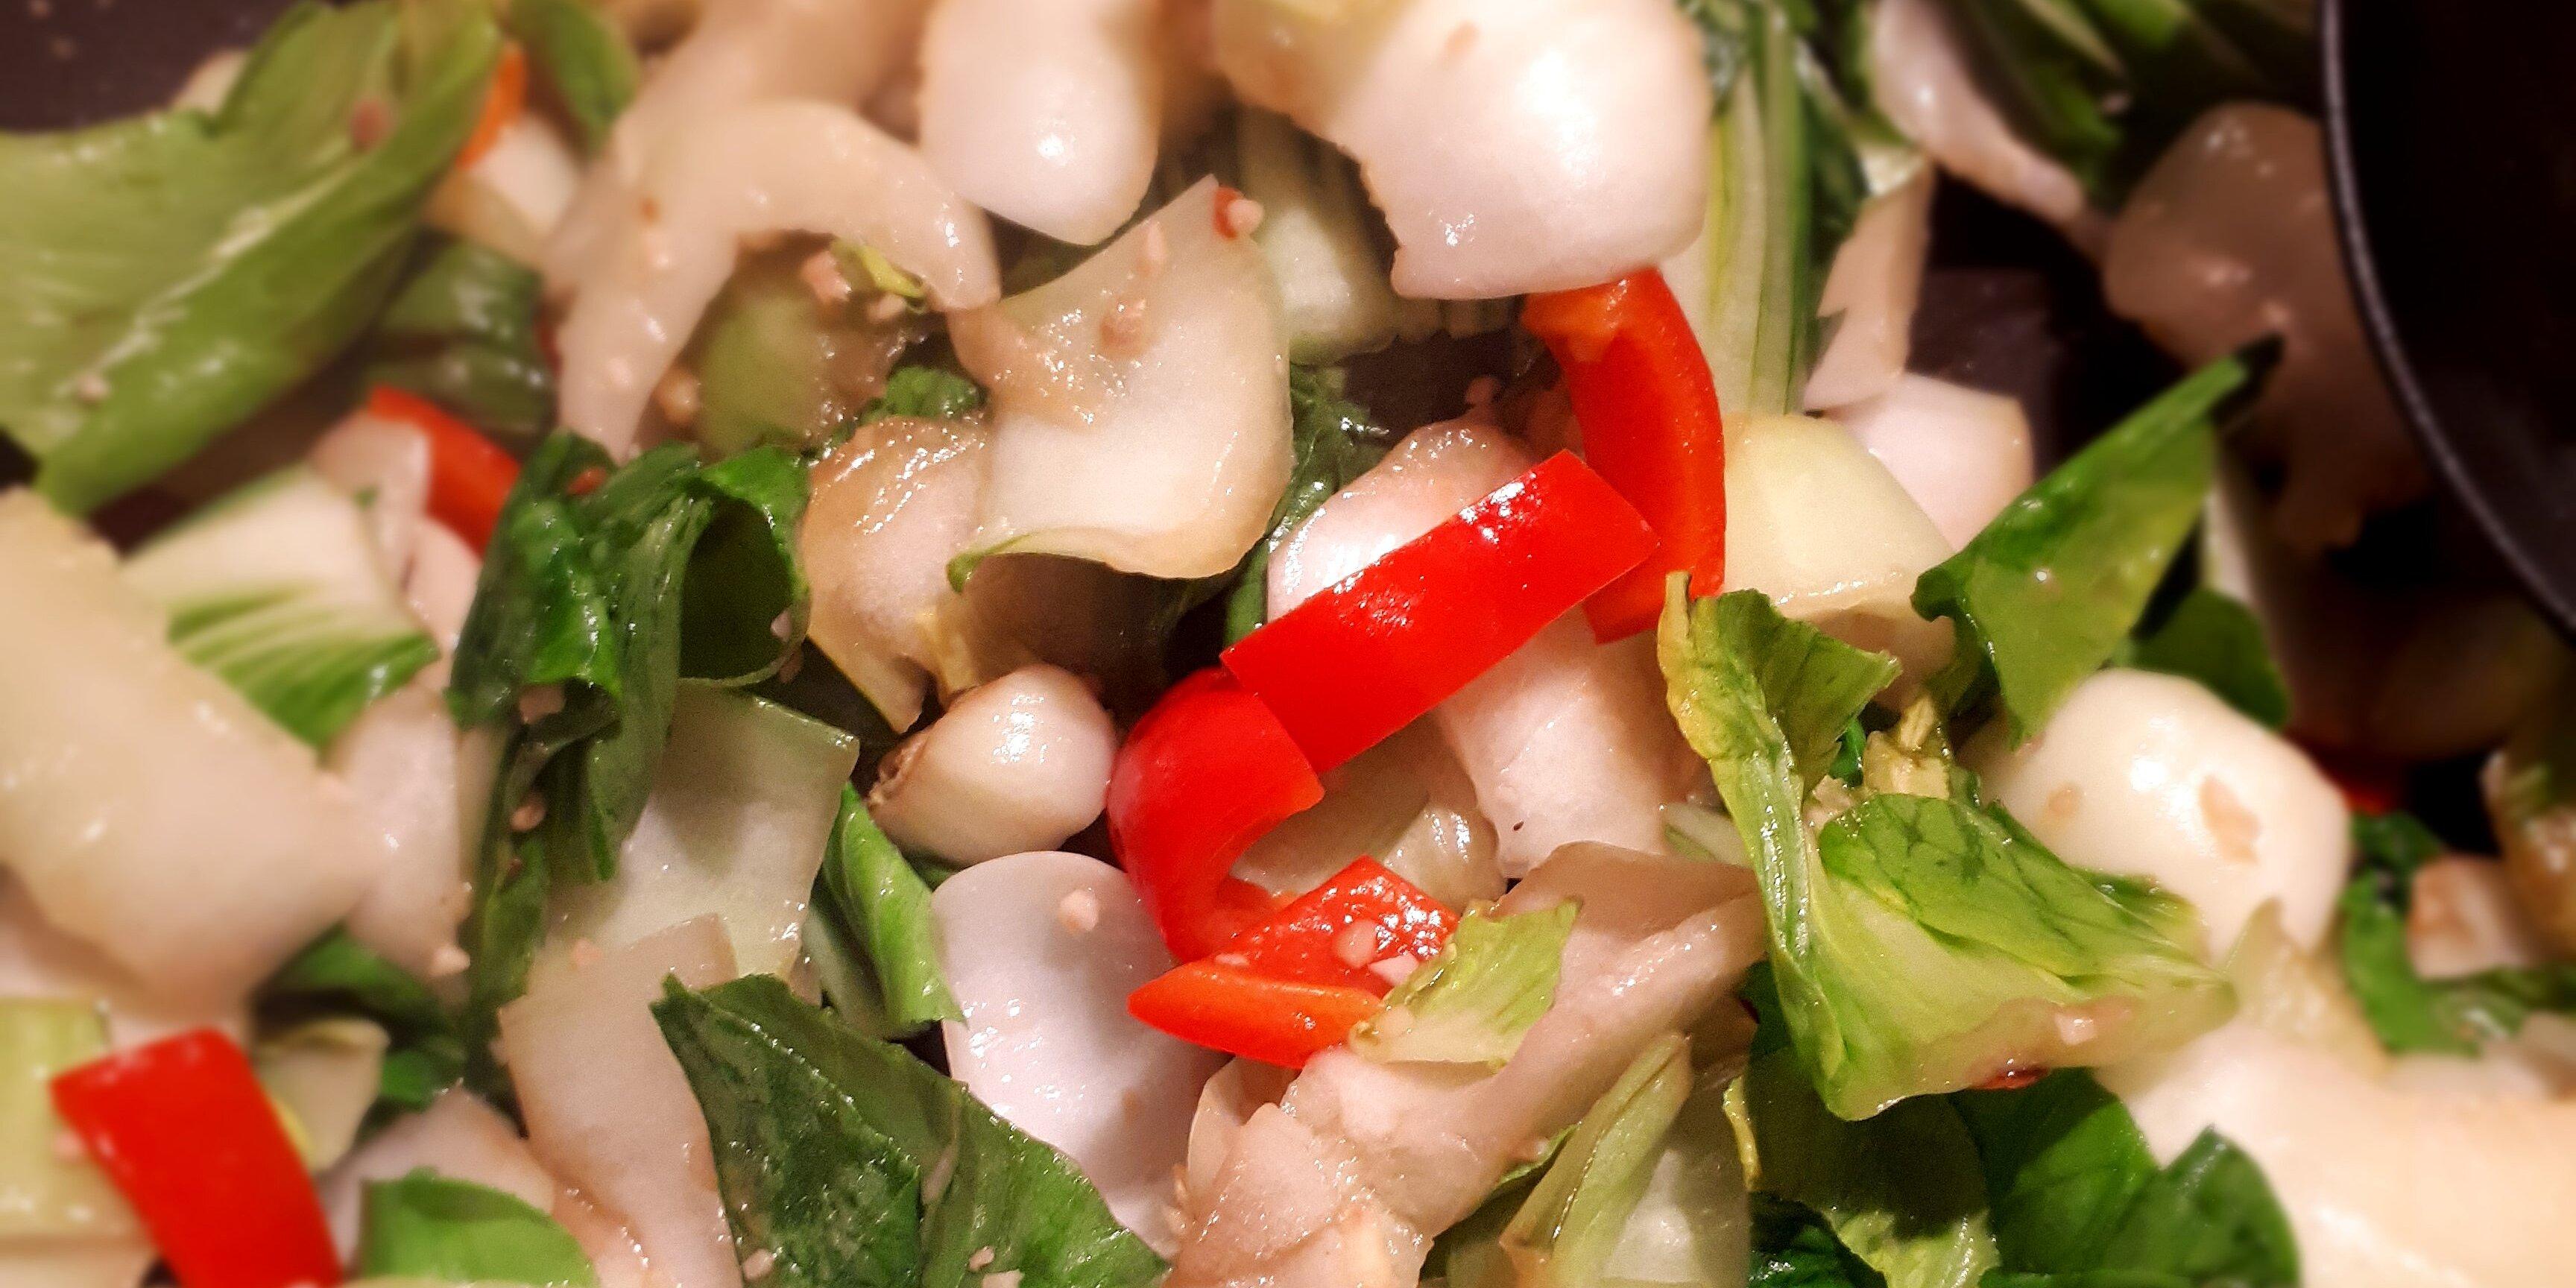 chef johns garlic and ginger bok choy